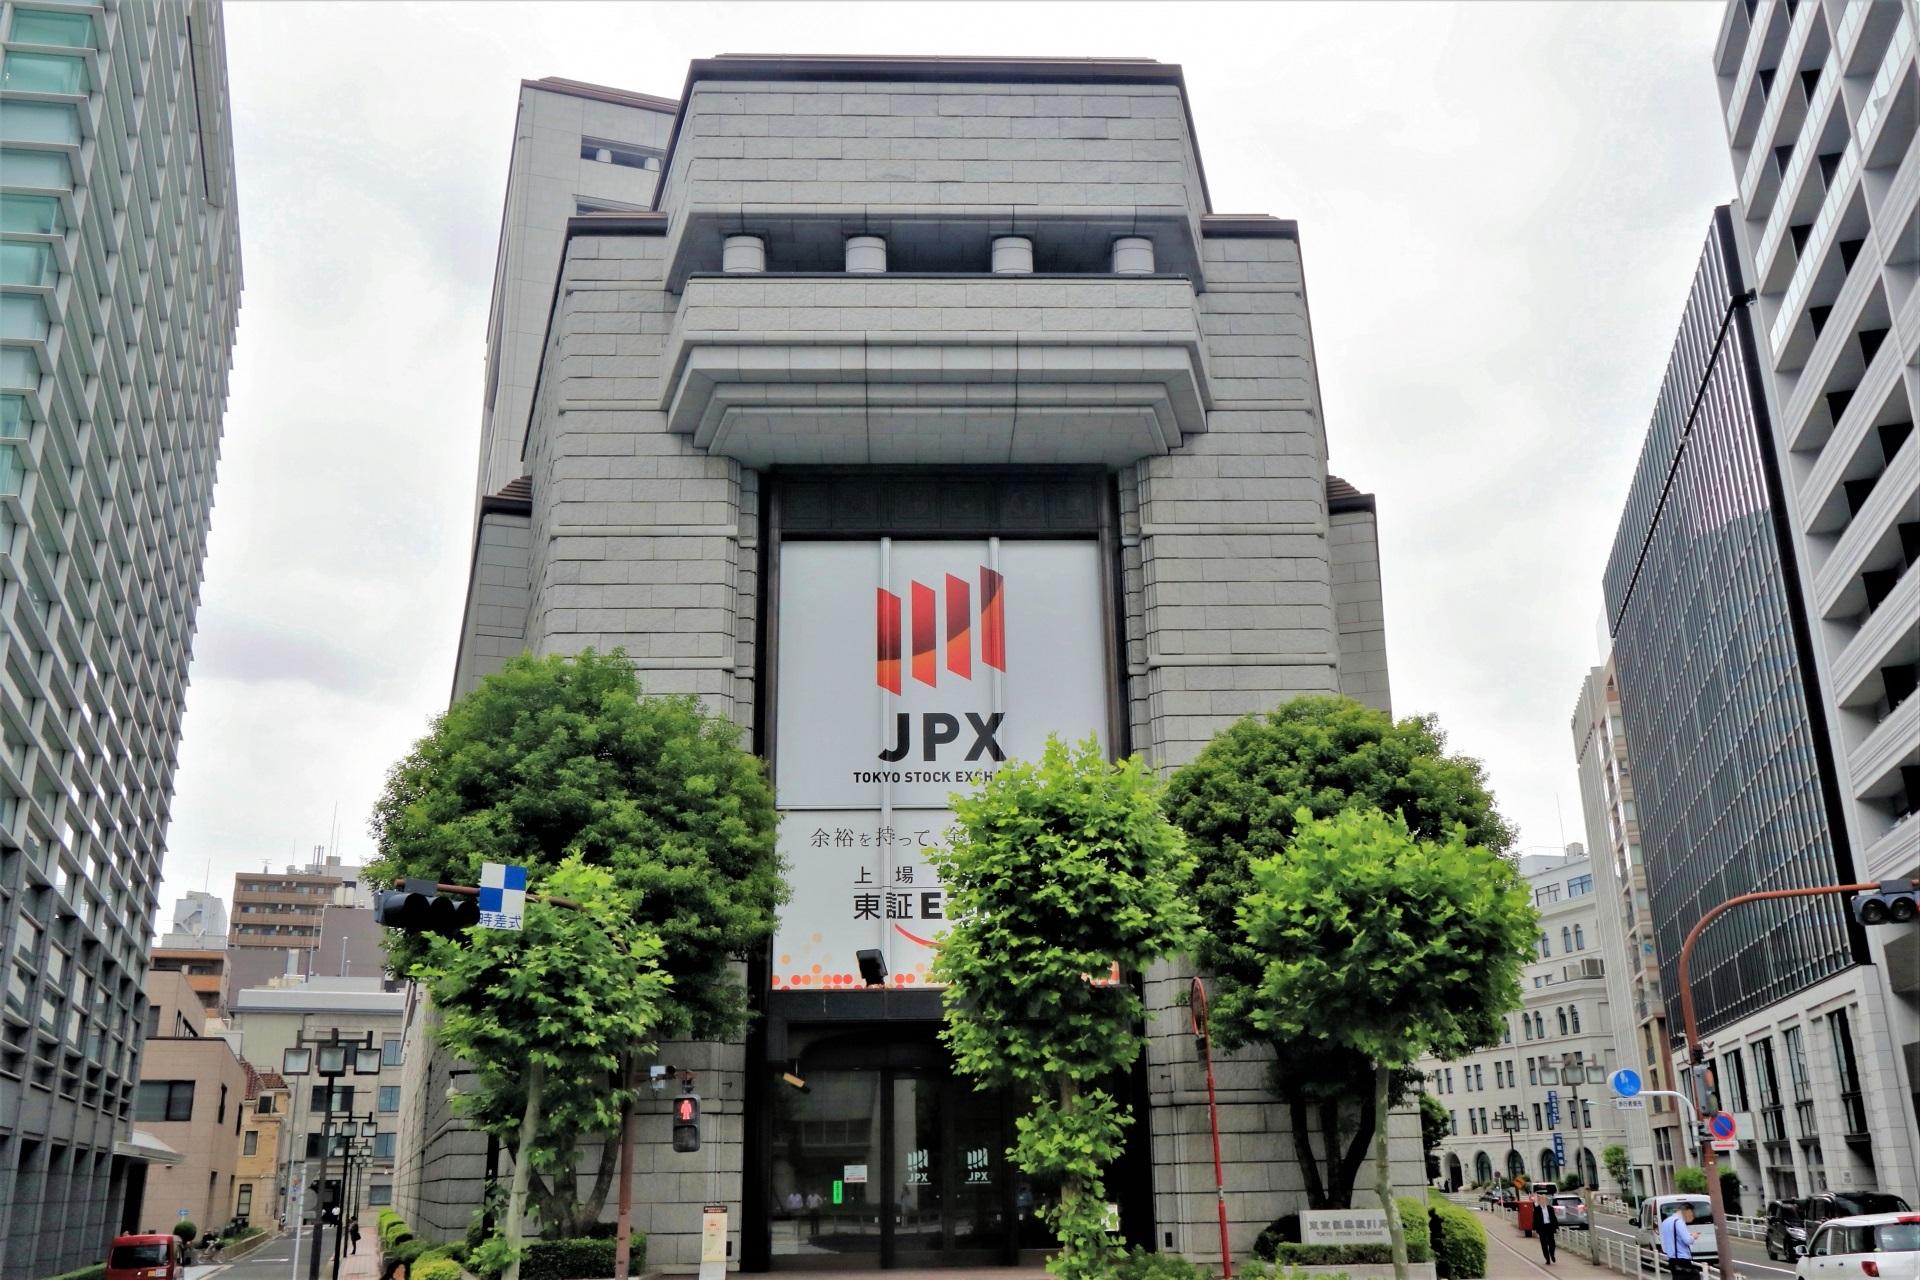 「アンジェス」「いすゞ自動車」「東芝」に動き 三木谷氏は楽天株を売却 2021年4月の大量保有報告書